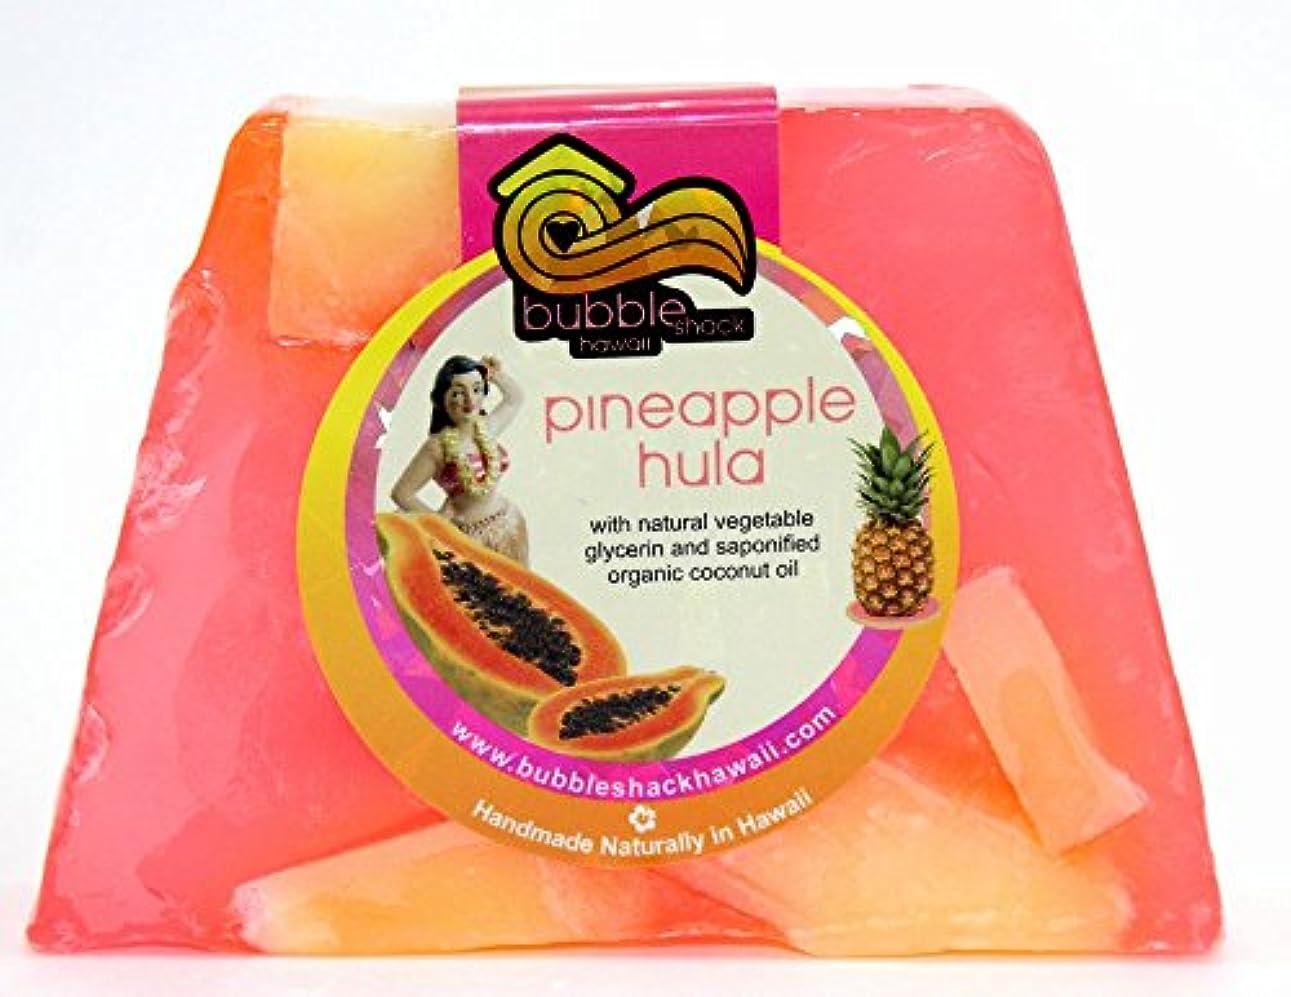 アルカトラズ島私たち自身アパートハワイ お土産 ハワイアン雑貨 バブルシャック パイナップル チャンクソープ 石鹸 (フラ) ハワイ雑貨